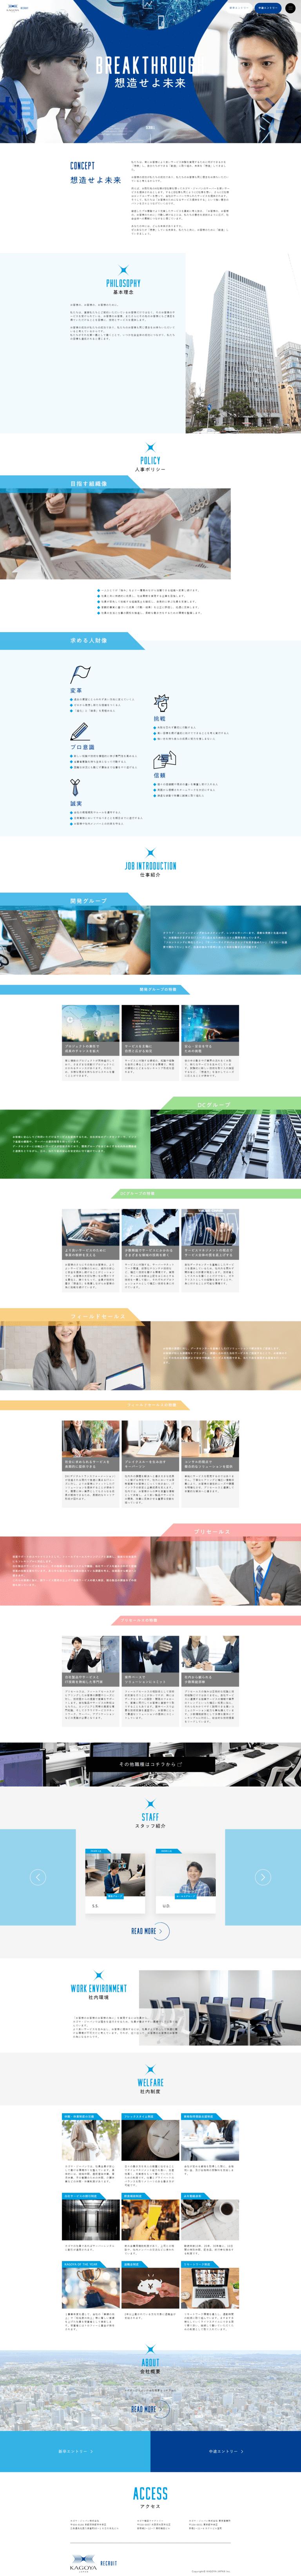 カゴヤ・ジャパン㈱様 採用サイト